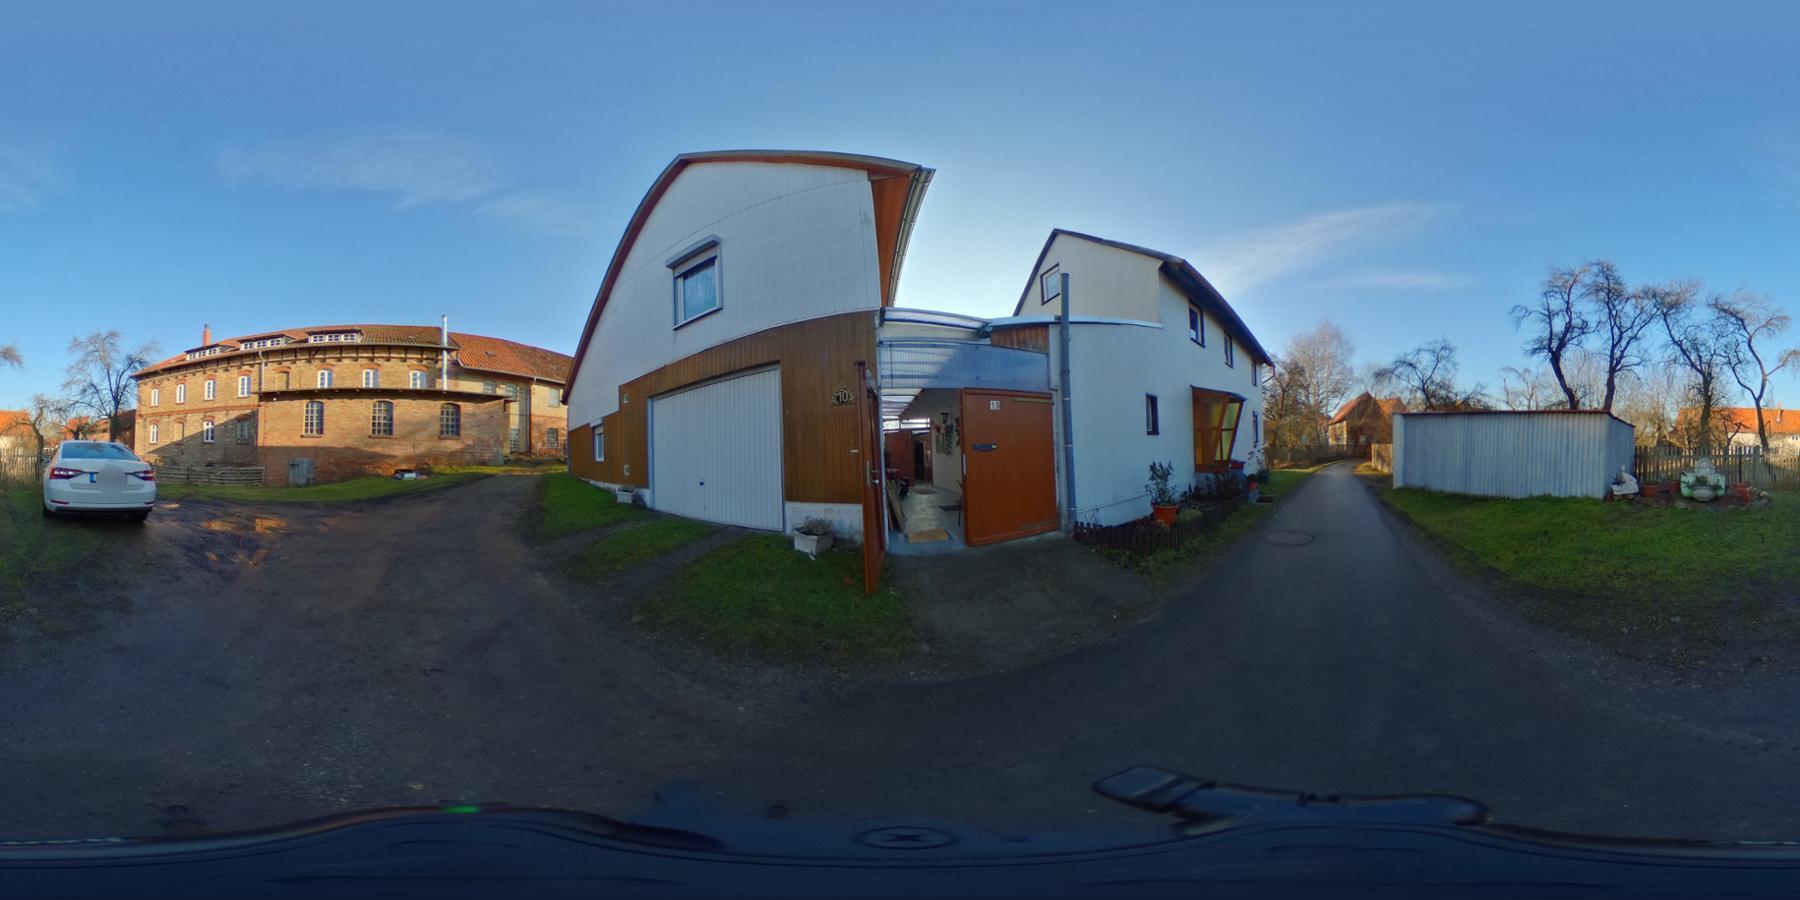 Im eigenen Haus - Maisonettewohnung in Veckenstedt zu vermieten. 360 Grad